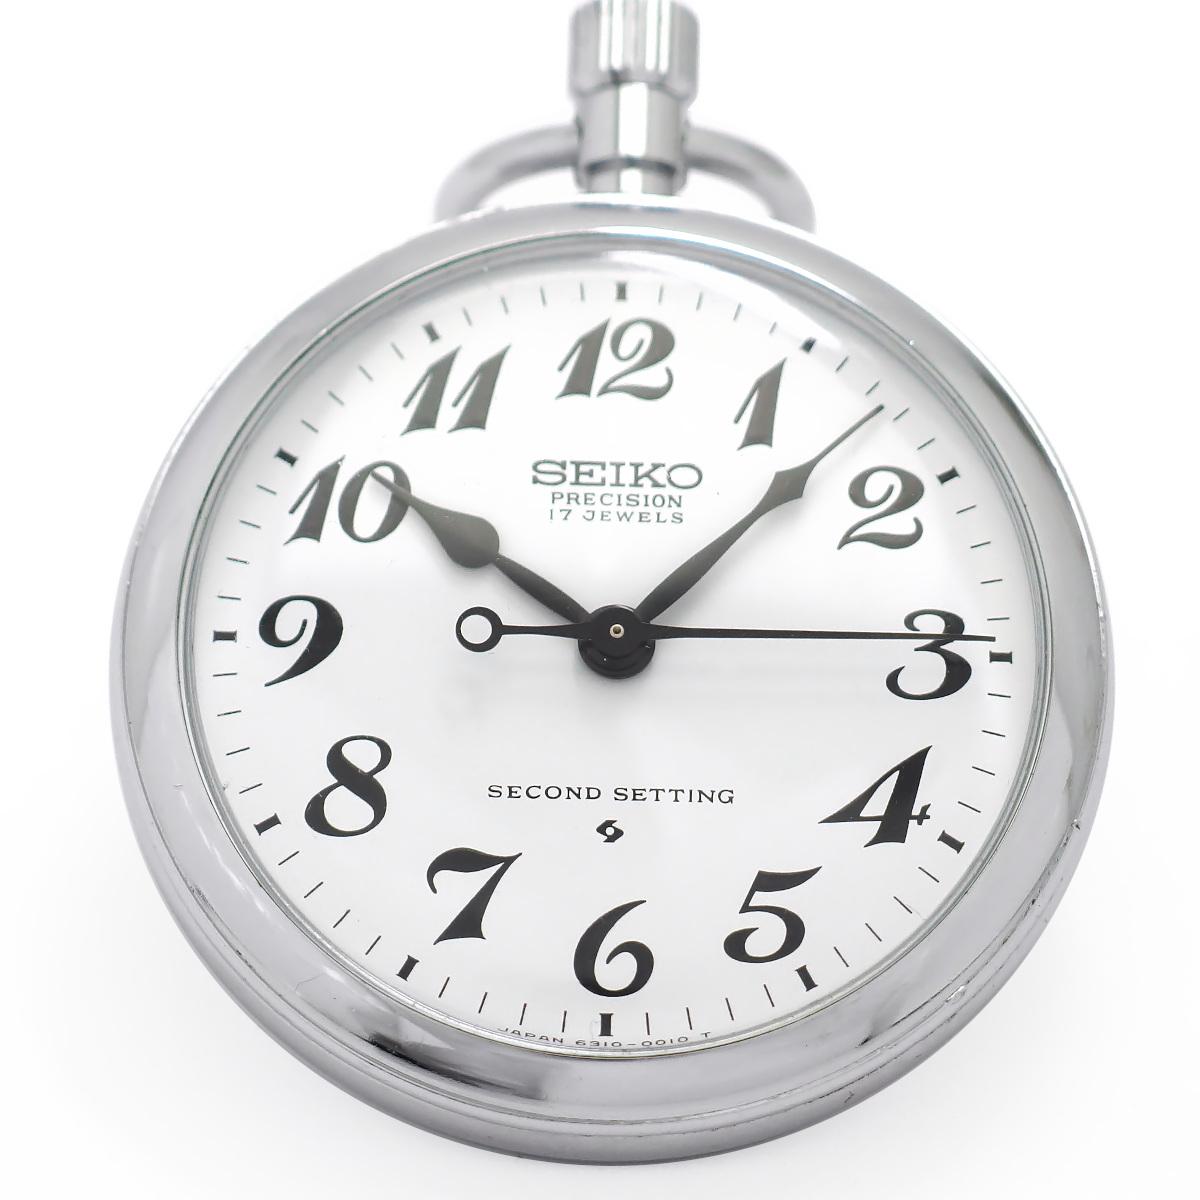 セイコー 鉄道時計 東南鉄 6310-0010 Cal.6310A 17石 手巻 OH済 昭和53年/1978年製